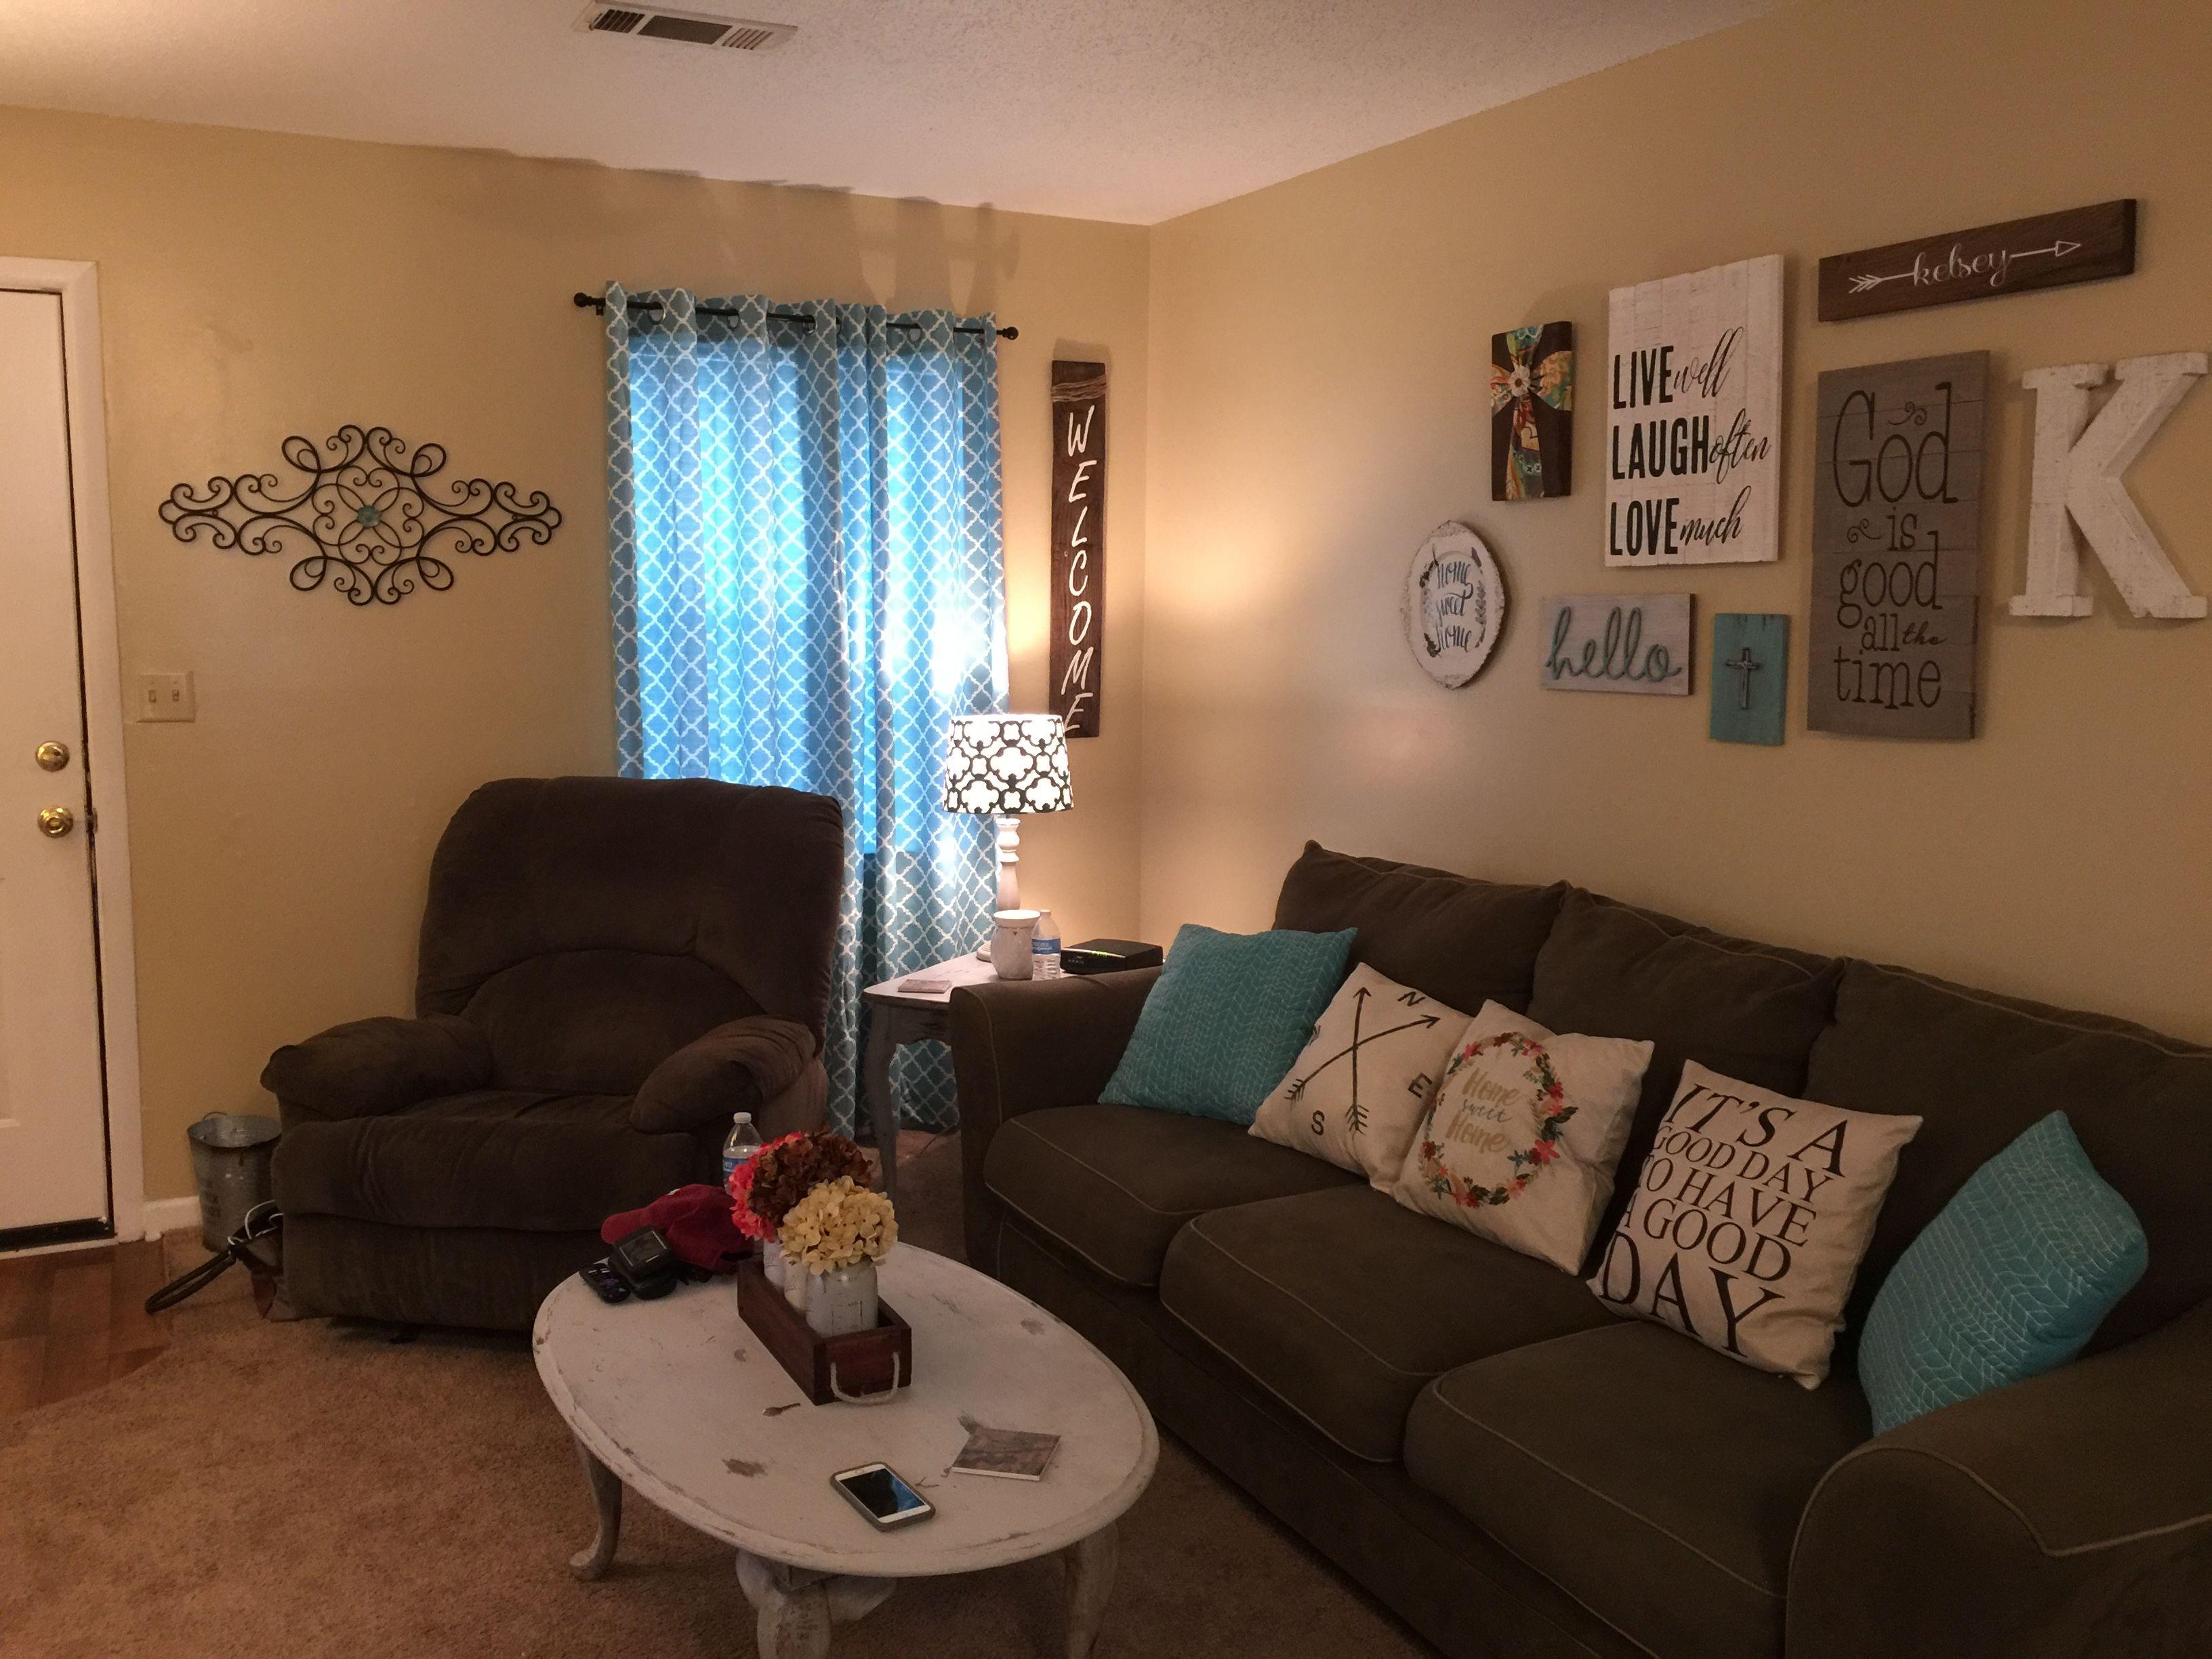 college apartment   Living room decor apartment, College ...